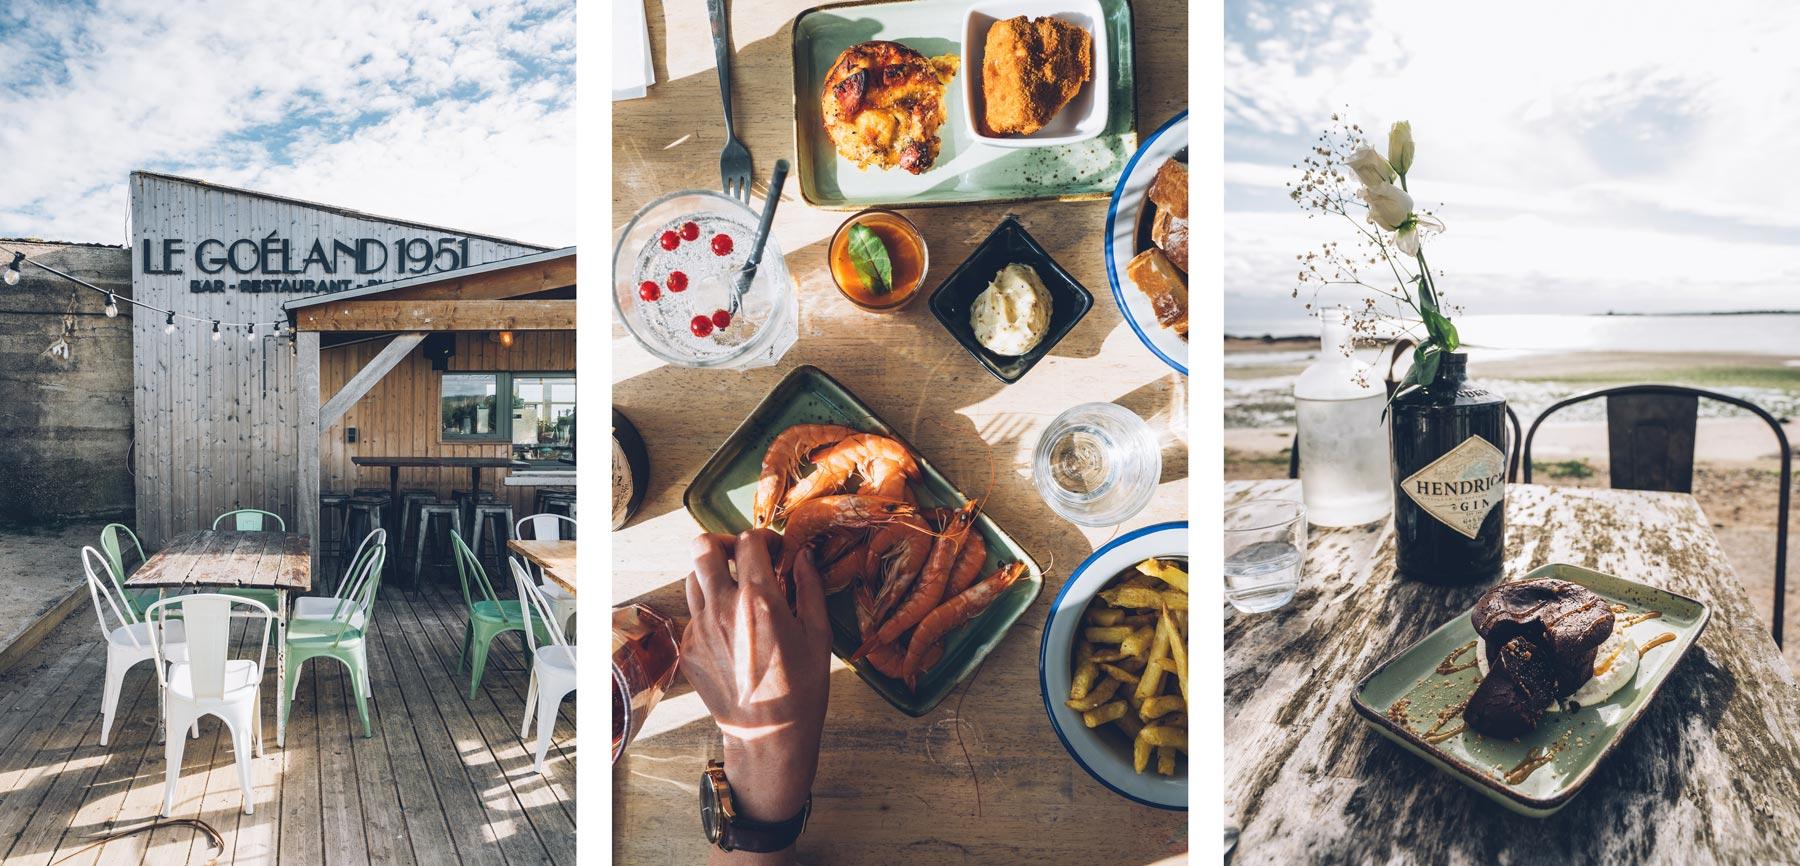 Le Goeland 1951, Restaurant de plage